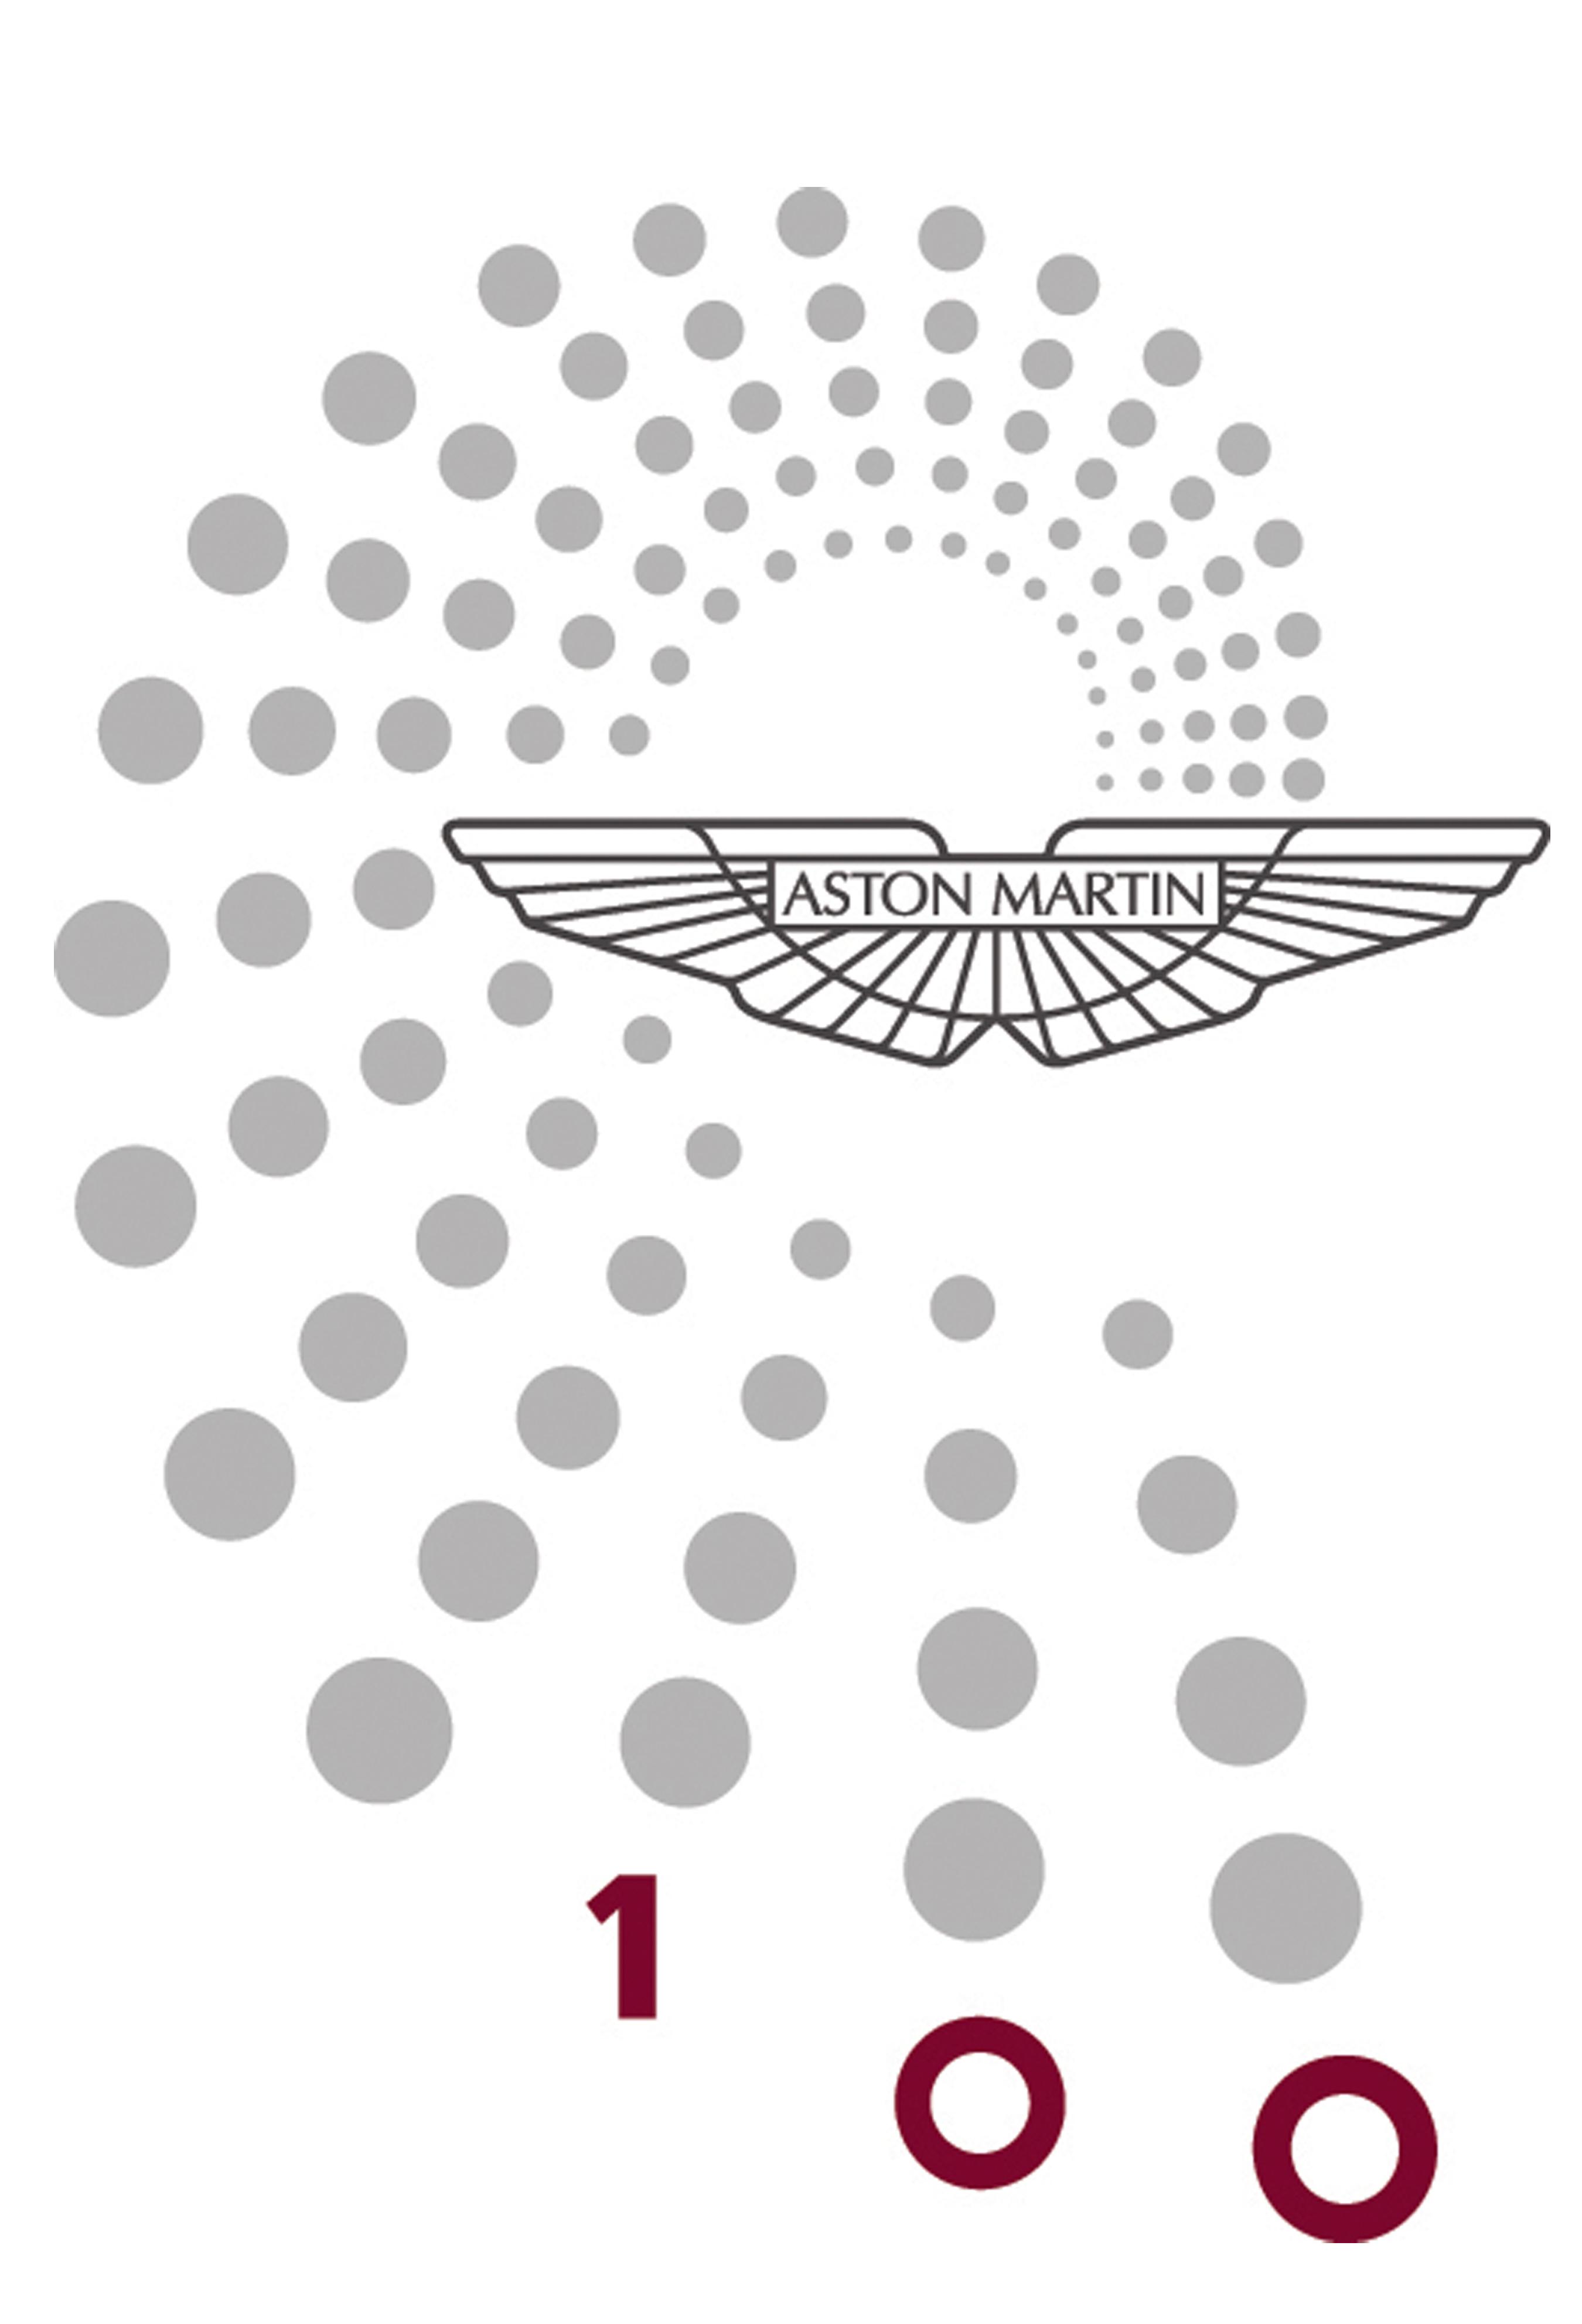 Logo centenario Aston Martin